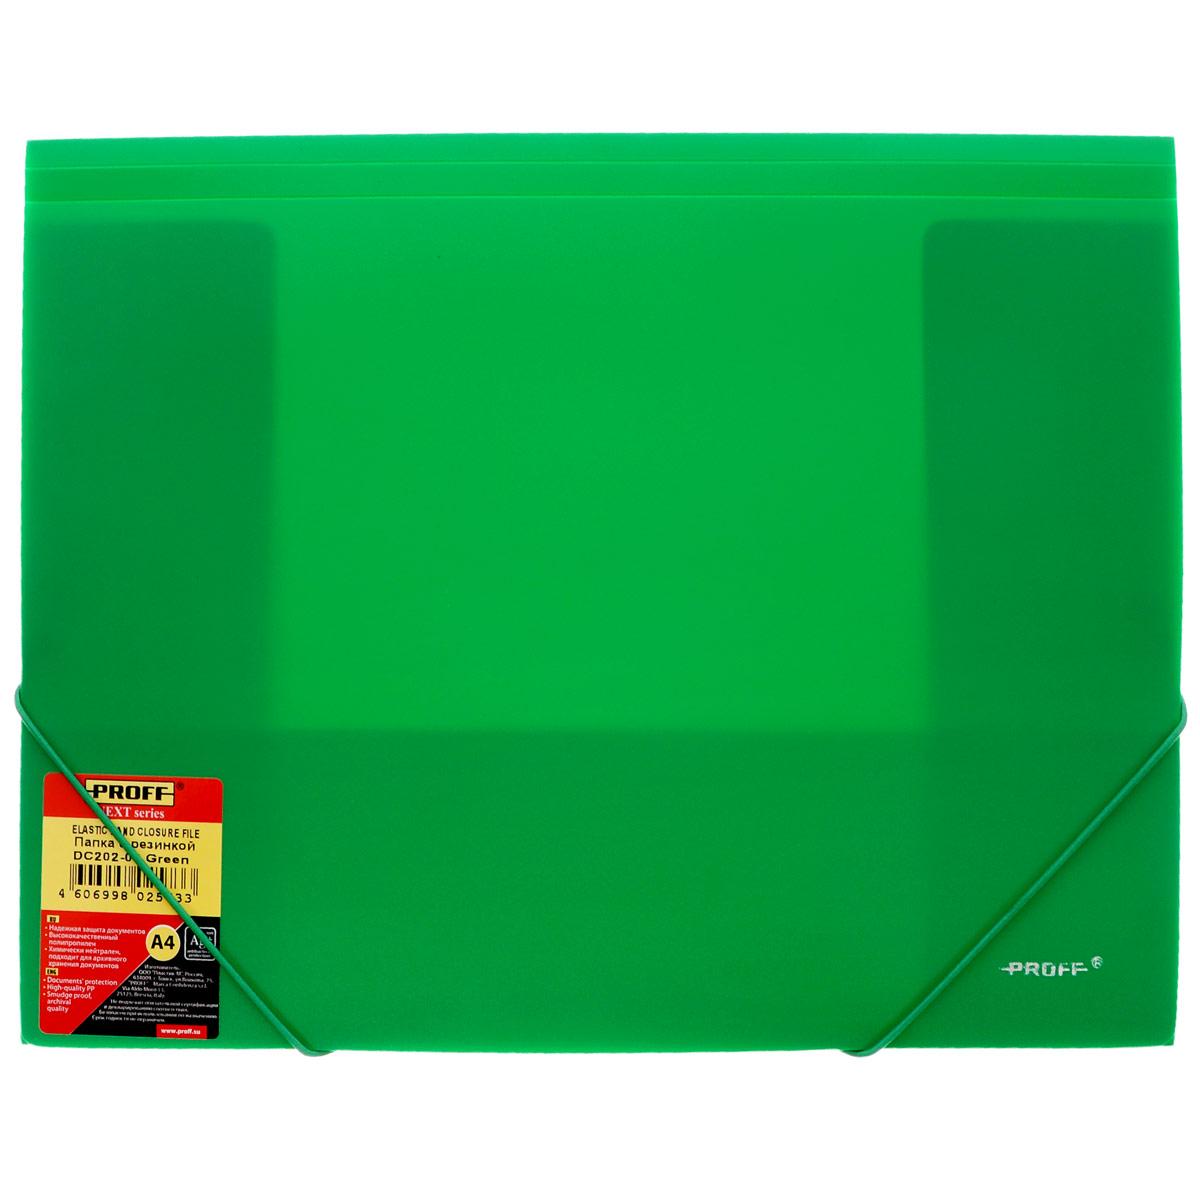 Папка на резинке Proff Next, цвет: зеленый, 3 клапана. Формат А4. DC202-03FS-54115Папка на резинке Proff Next, изготовленная из высококачественного плотногополипропилена, это удобный и практичный офисный инструмент, предназначенный для хранения и транспортировки рабочих бумаг и документов формата А4. Матовая папка, оснащенная тремя клапанами внутри для надежного удержания бумаг, закрывается при помощи угловых резинок. Согнув клапаны по линии биговки, можно легко увеличить объем папки, что позволит вместить большее количество документов.Папка на резинке - это незаменимый атрибут для студента, школьника, офисного работника. Такая папка надежно сохранит ваши документы и сбережет их от повреждений, пыли и влаги.